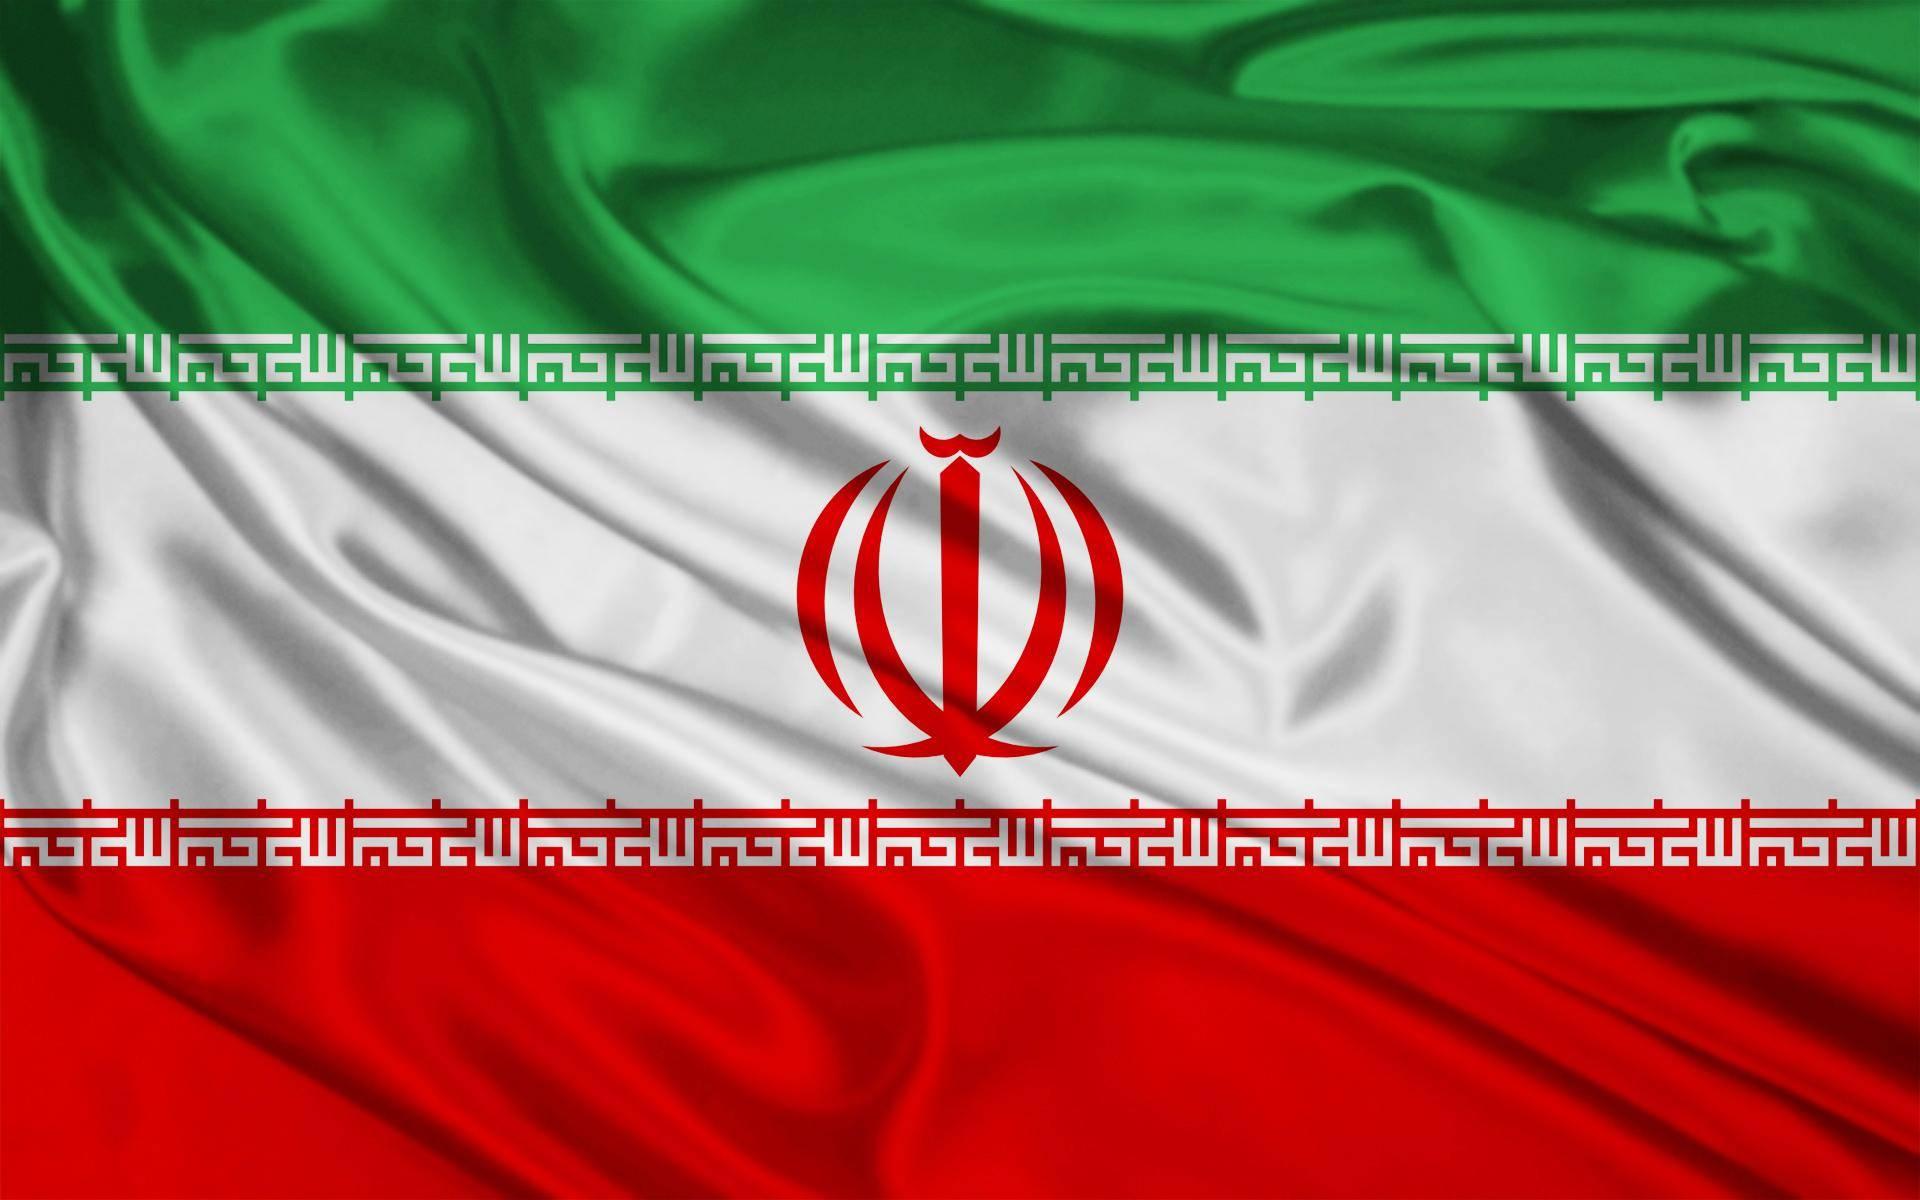 ایران کشور ادعاهاست